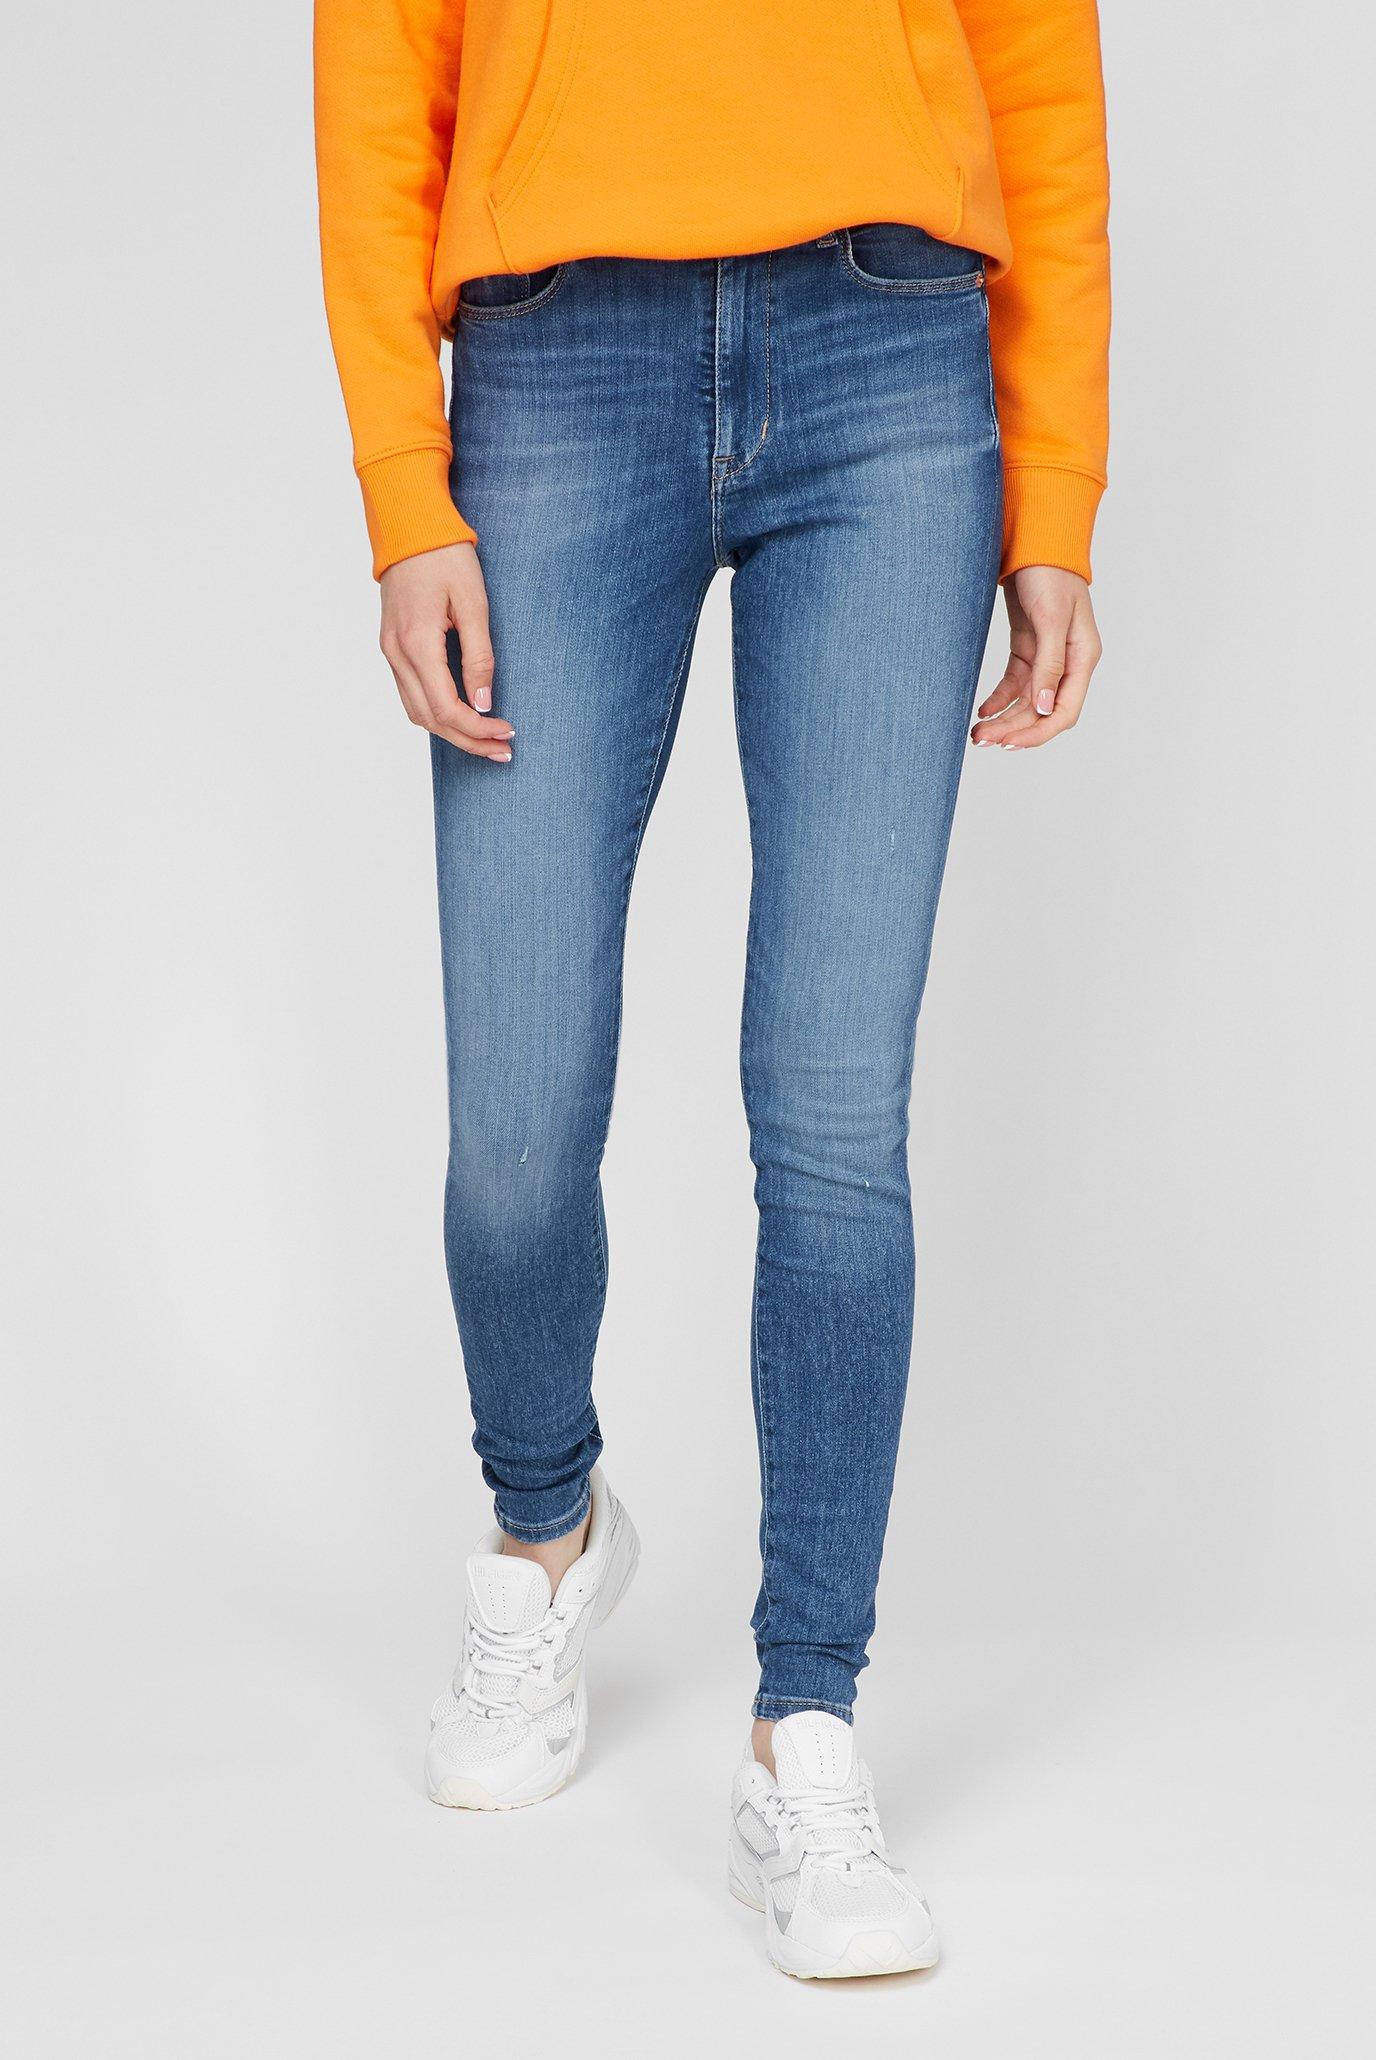 Жіночі сині джинси SYLVIA HR SPR SKNY AE133 MBS 1